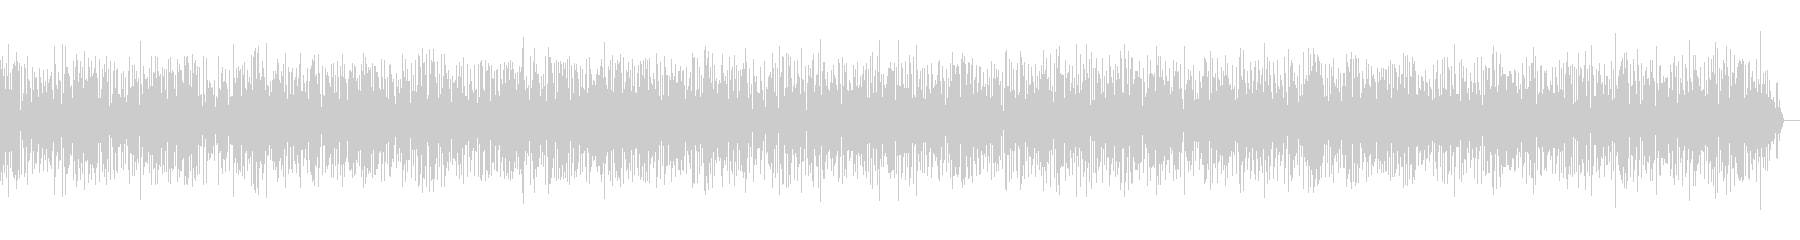 ヨーロッパの街角アコーディオンジャズの未再生の波形